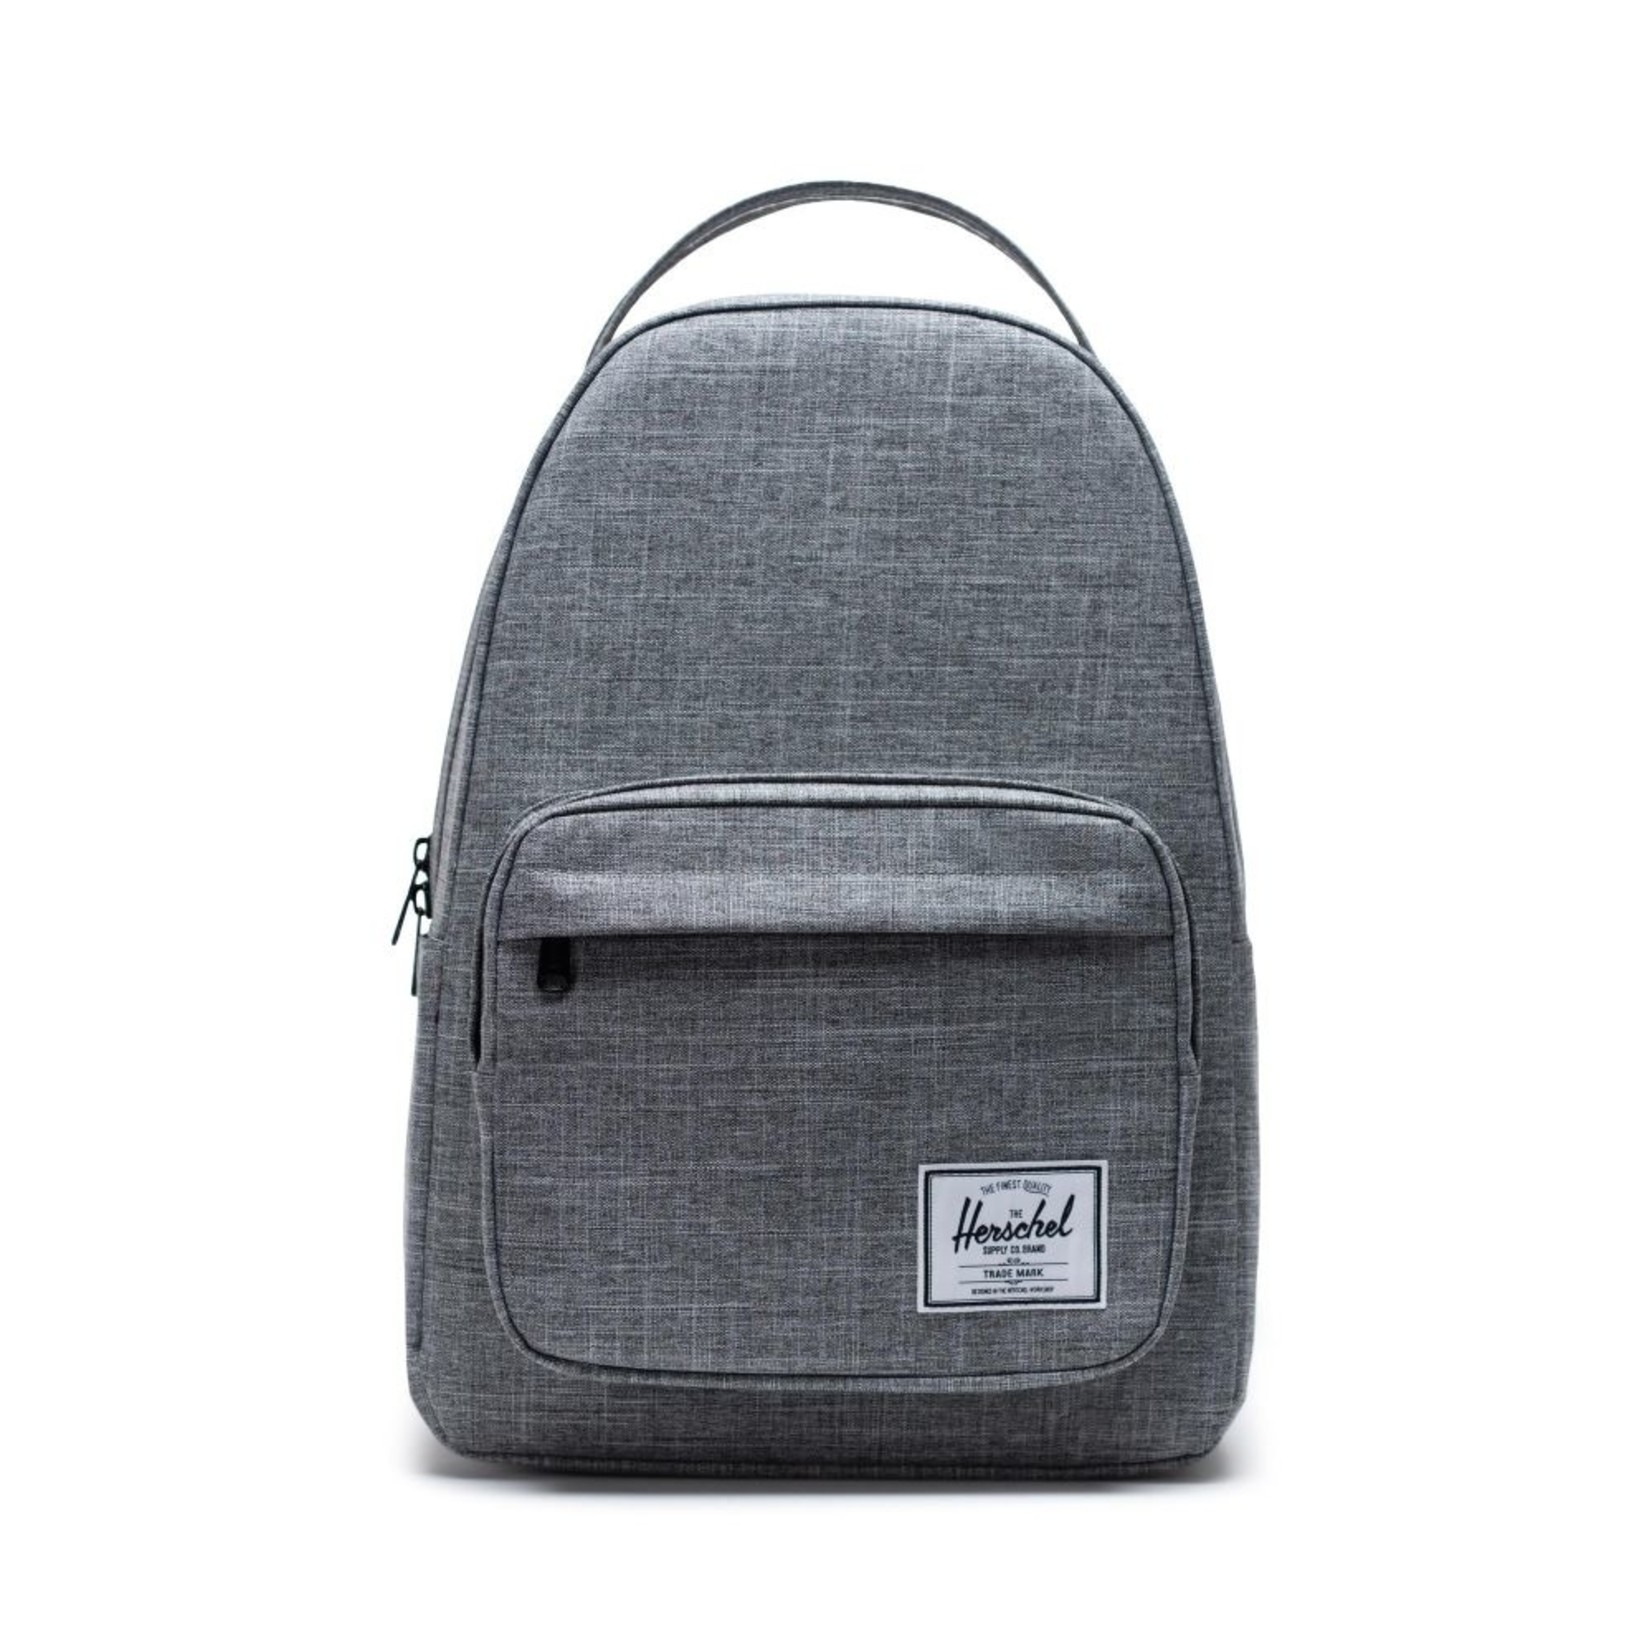 Herschel Supply CO. Herschel Supply CO. Miller Backpack